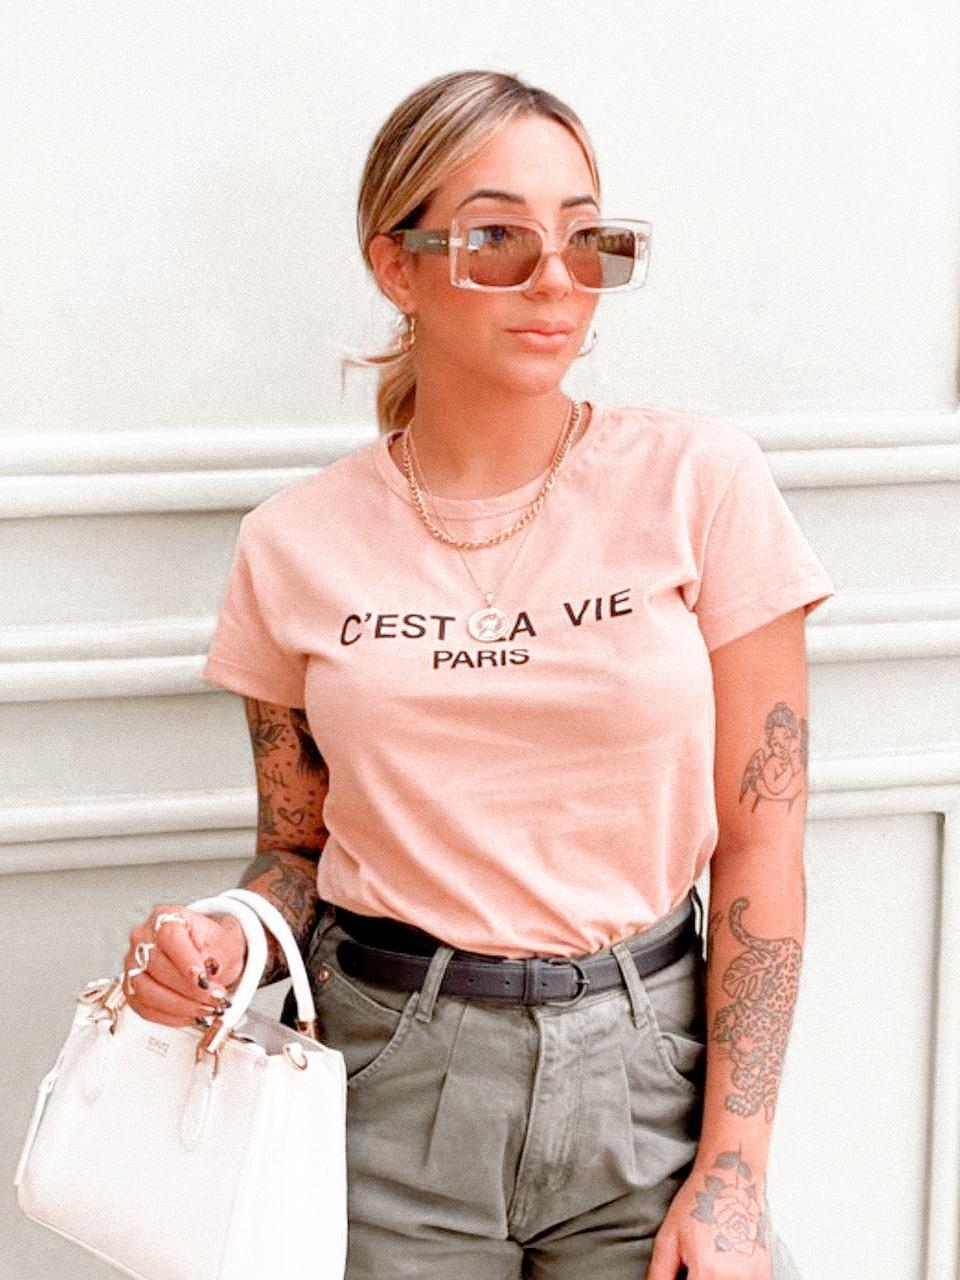 T-shirt Cest la vie paris